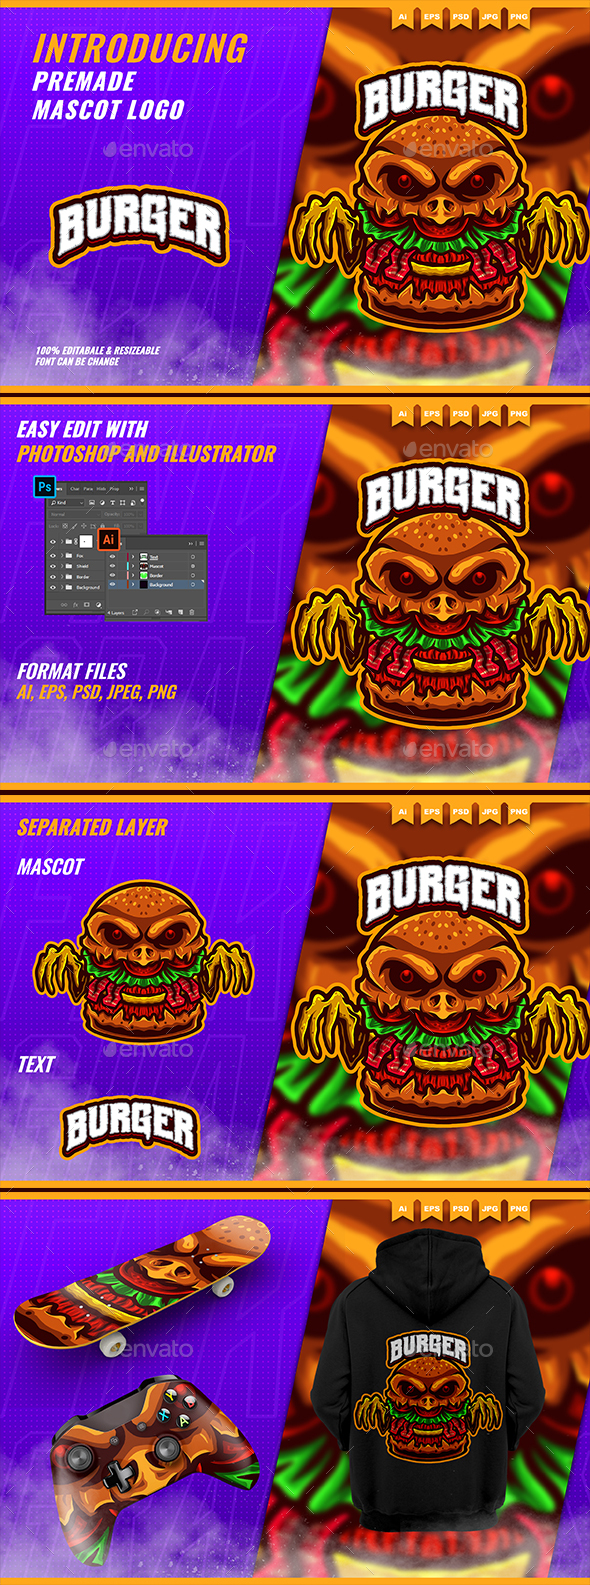 The Burger Monster - Mascot Esport Logo Template